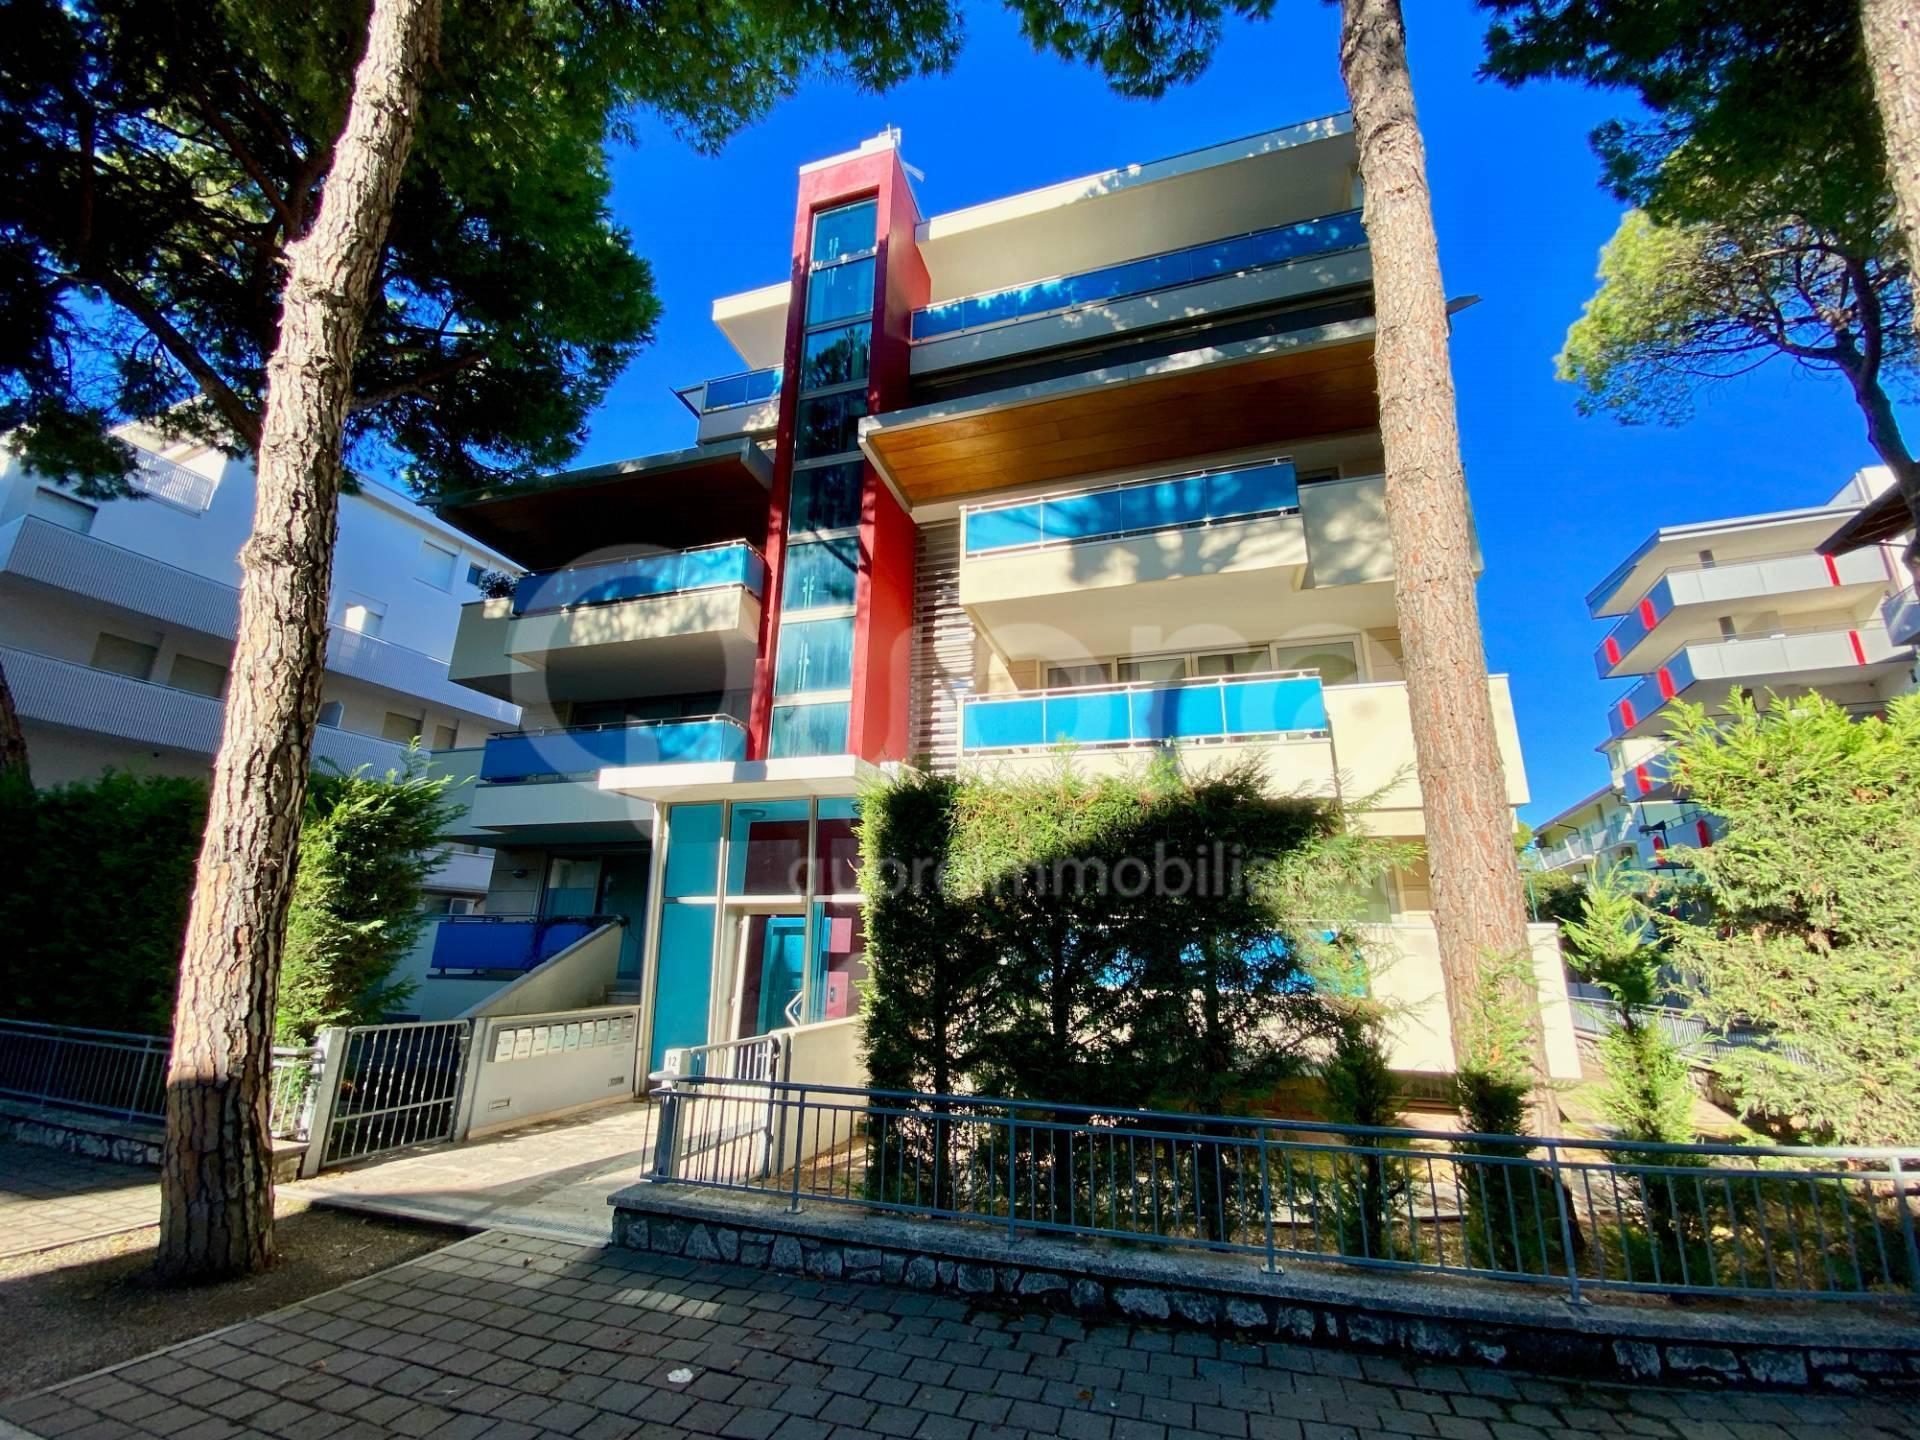 Appartamento in vendita a Lignano Sabbiadoro, 4 locali, prezzo € 390.000 | CambioCasa.it